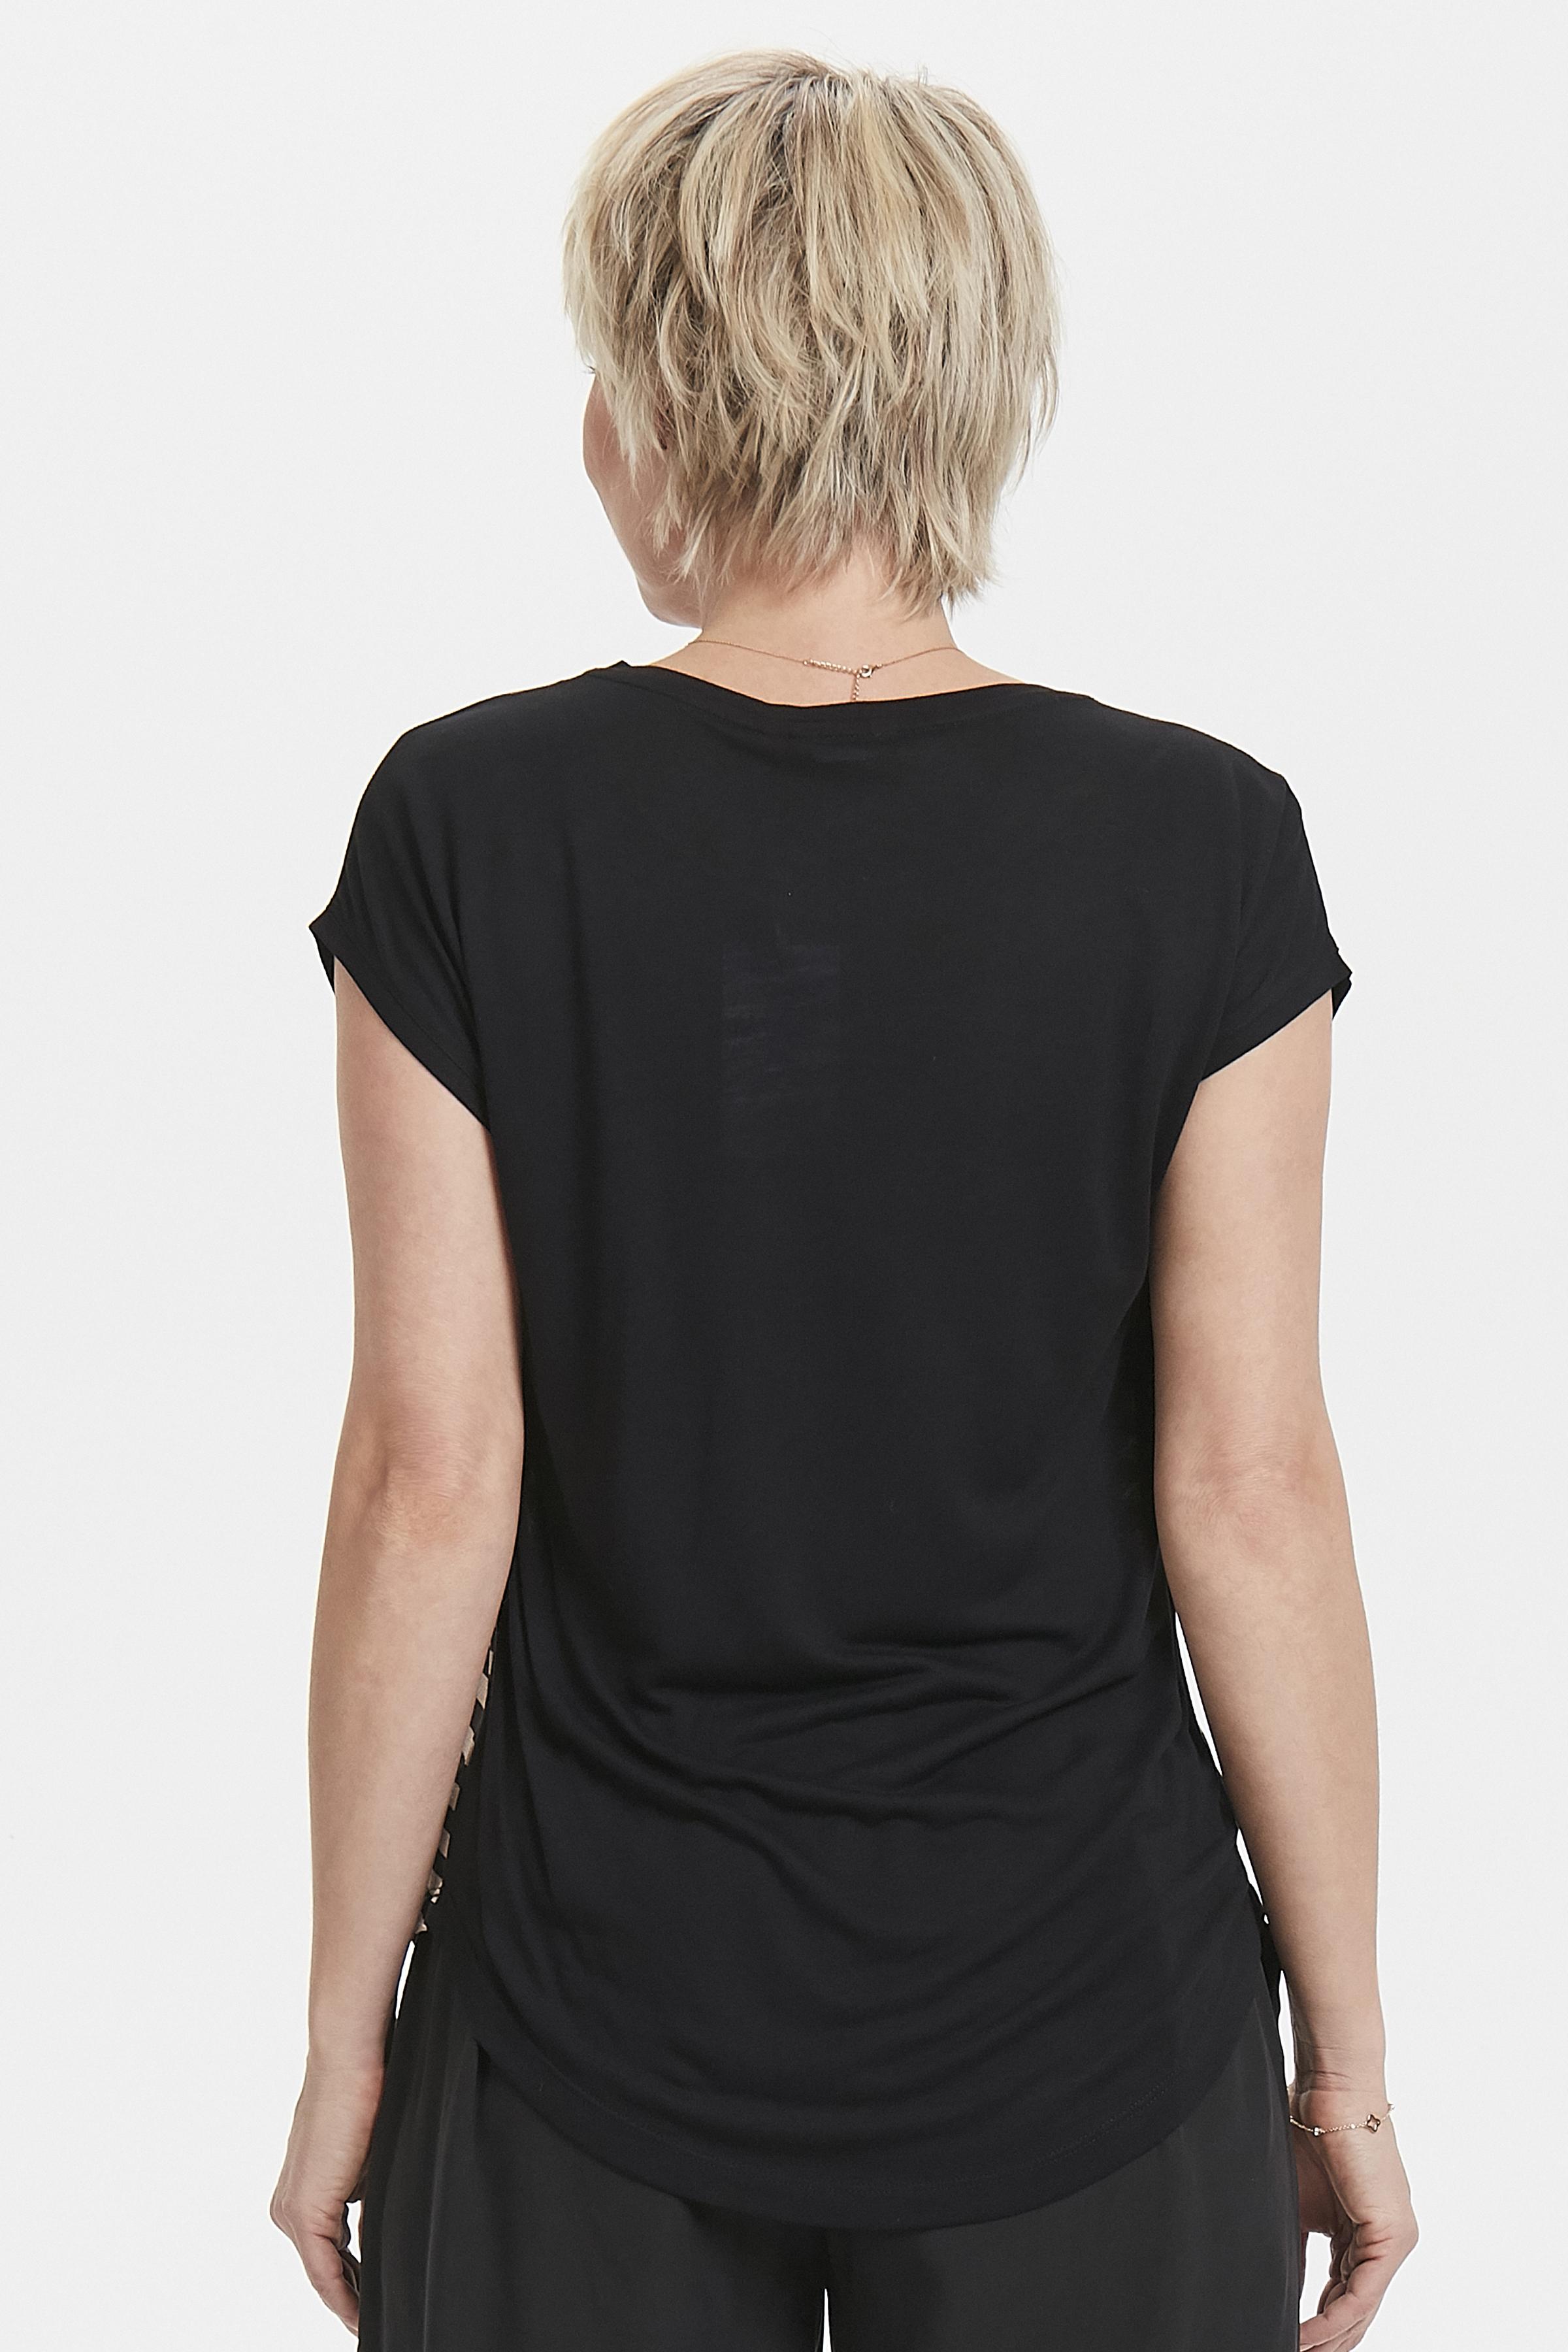 Sand/schwarz Kurzarm-Bluse von Bon'A Parte – Shoppen Sie Sand/schwarz Kurzarm-Bluse ab Gr. S-2XL hier